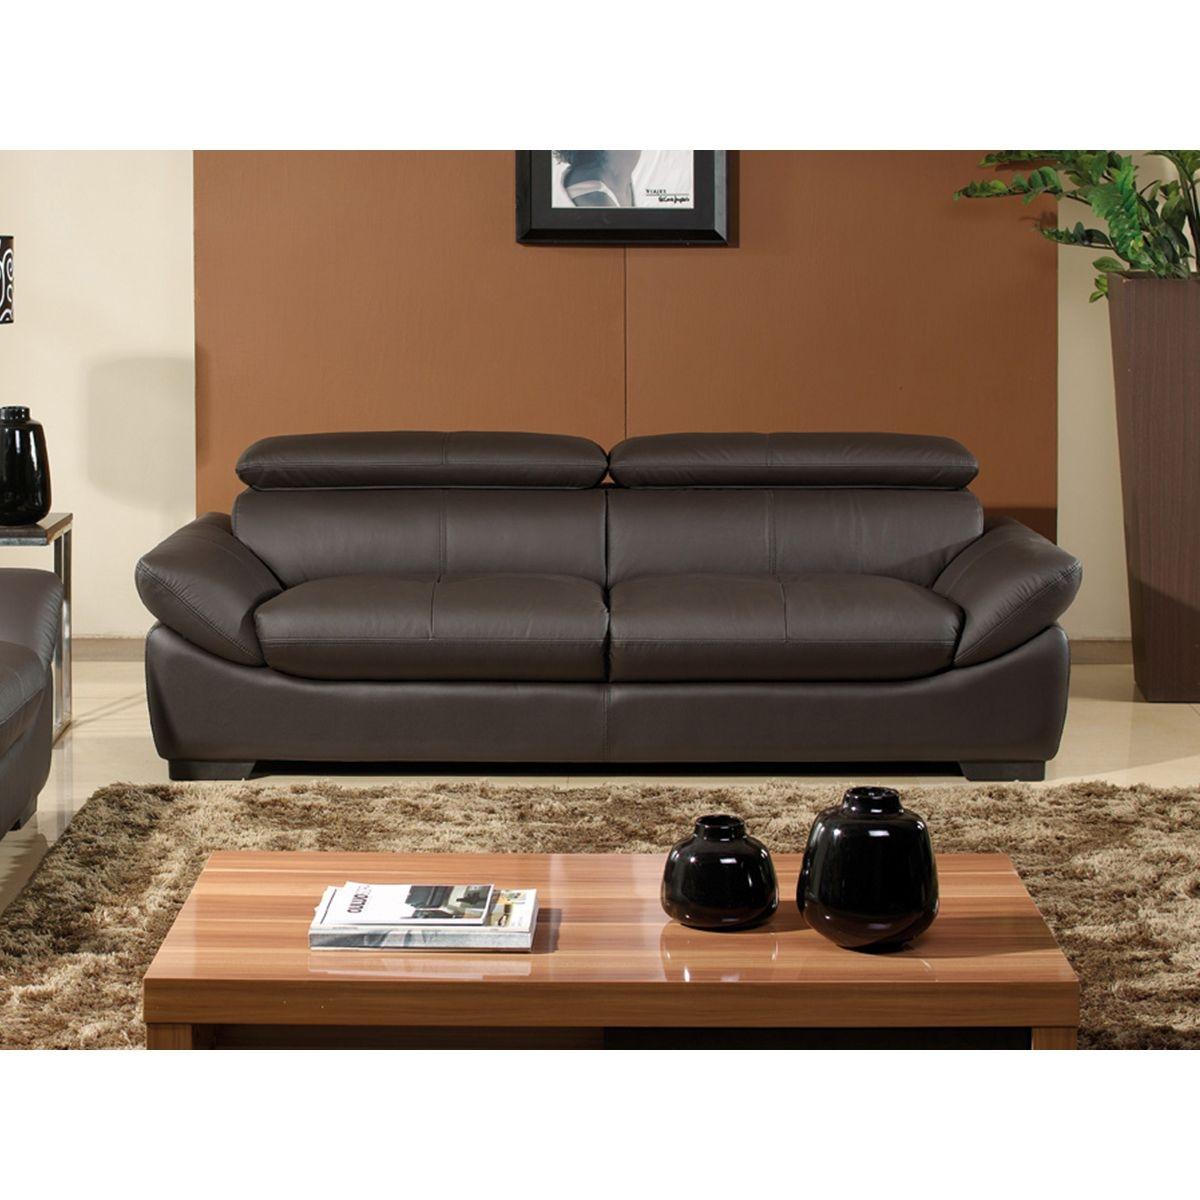 Canapé 3 places en cuir semi-épais BORNEO - Braun